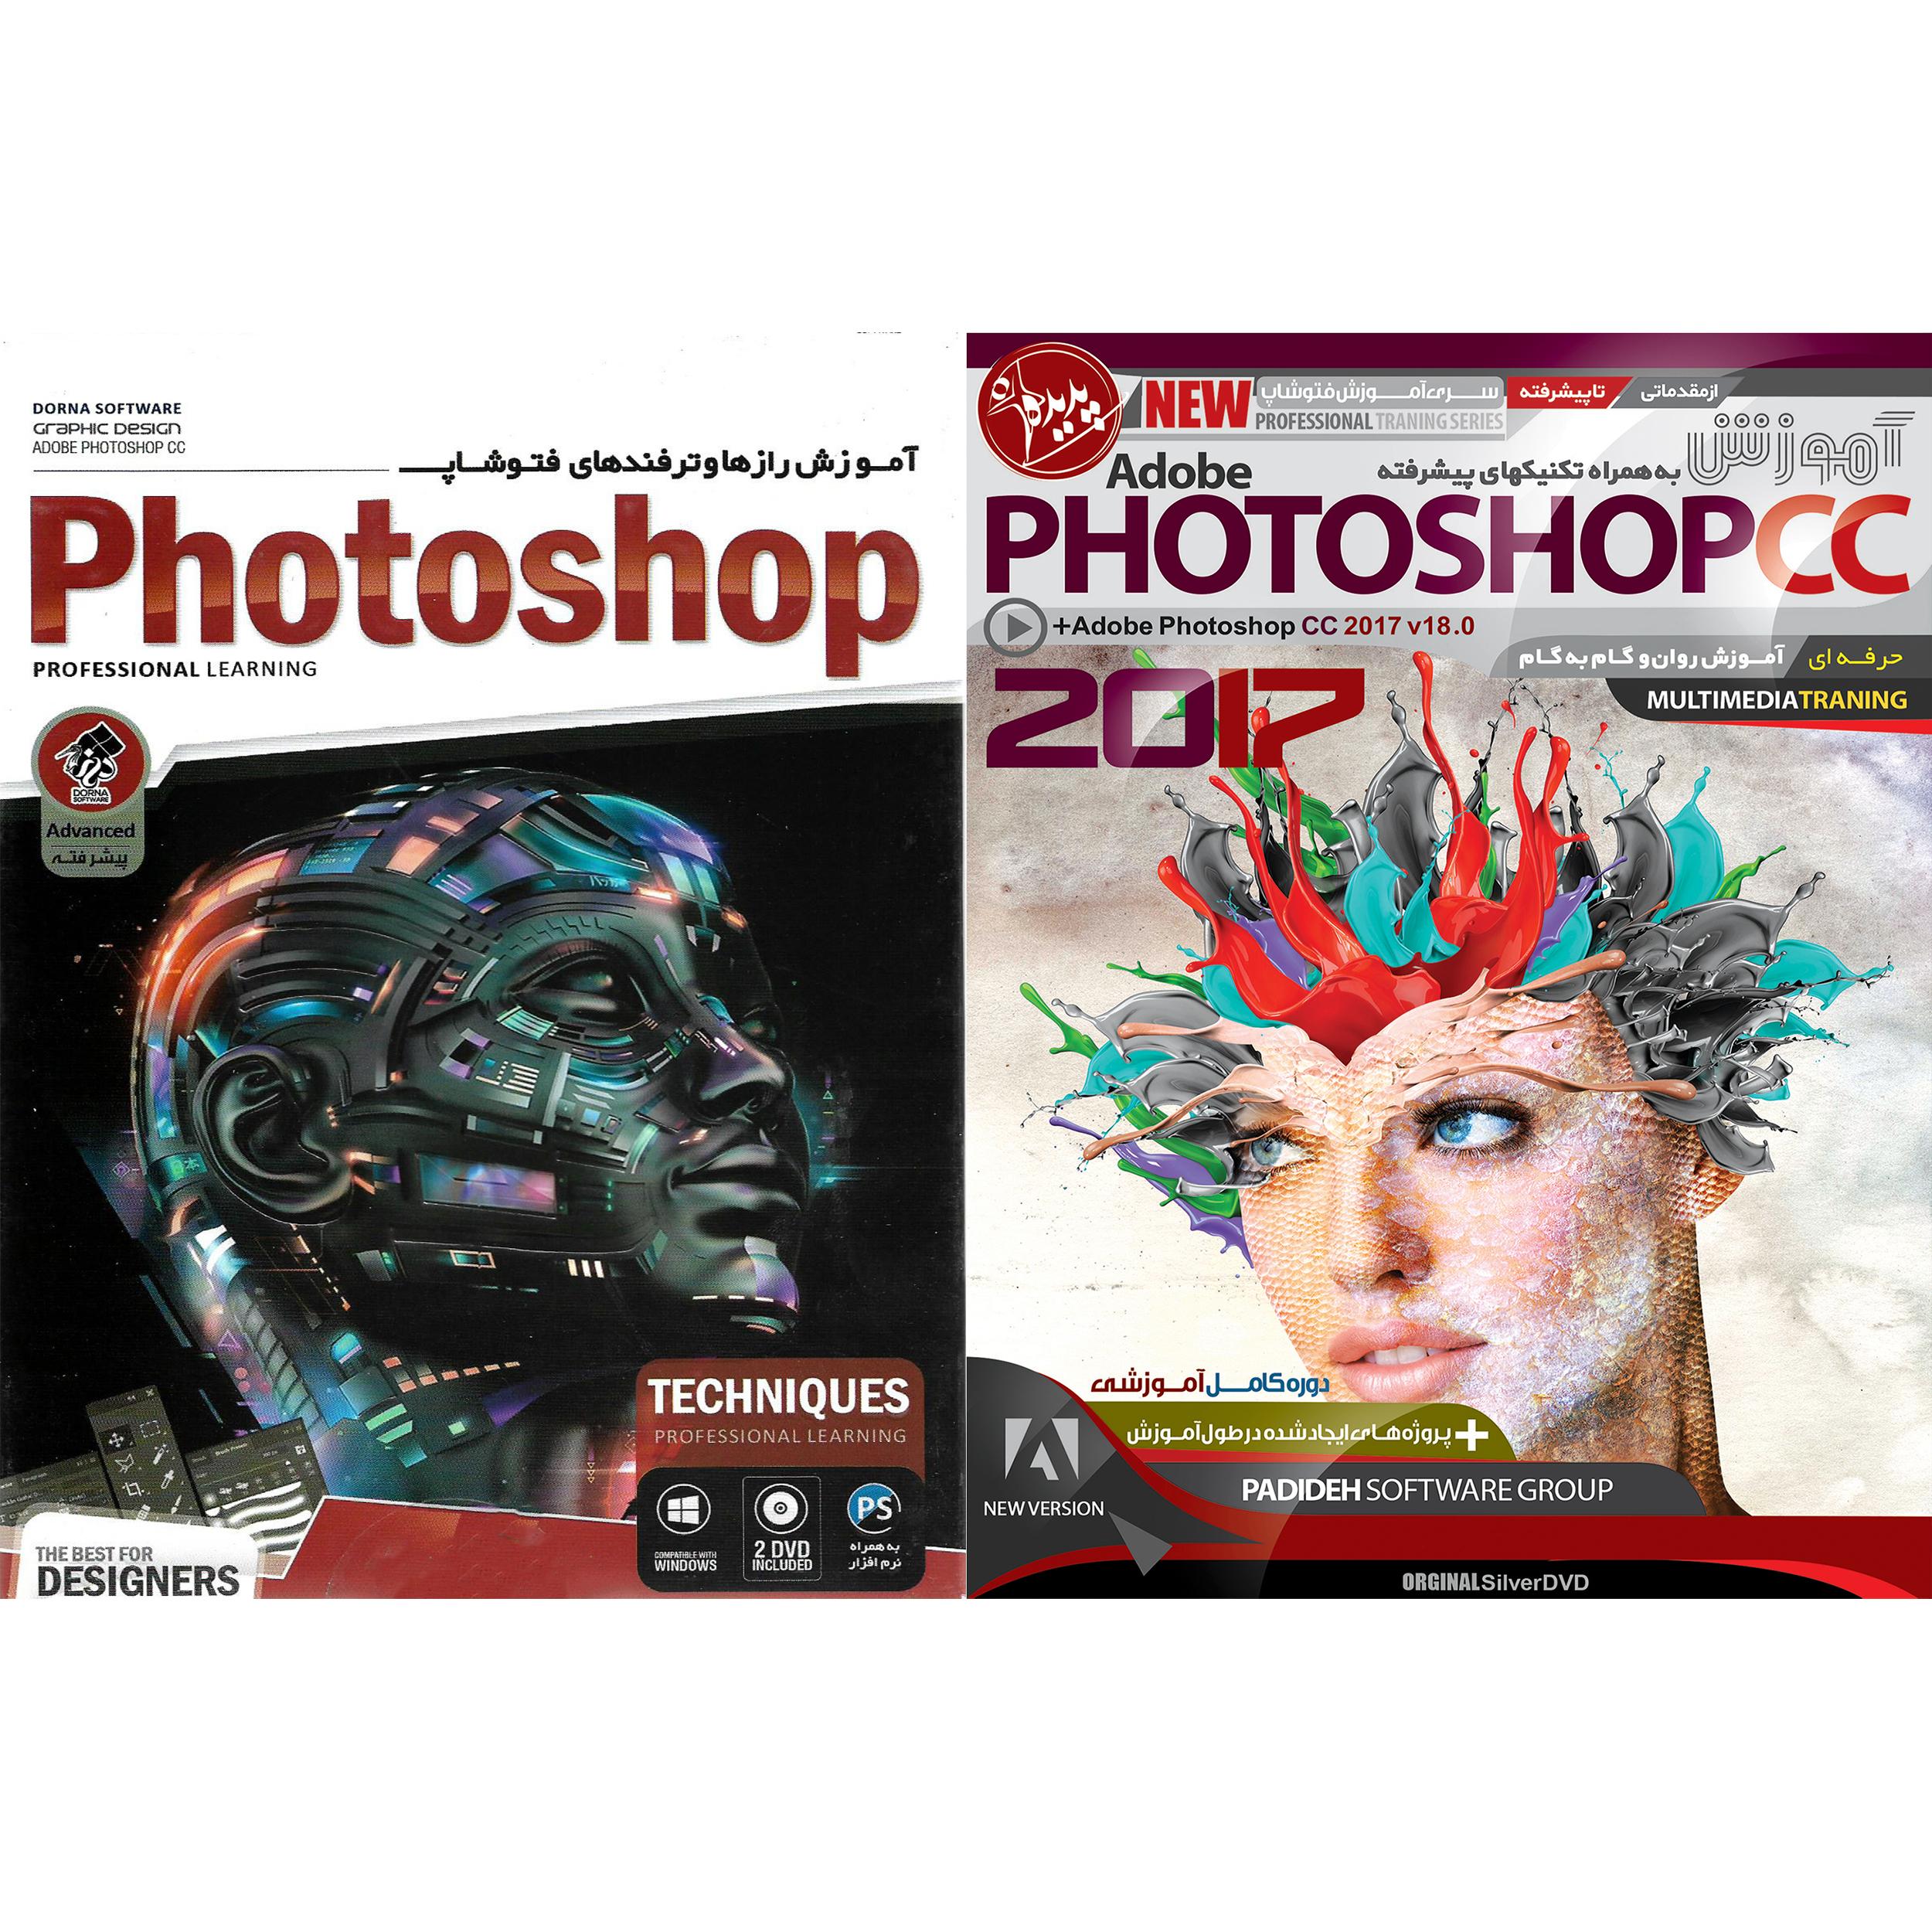 نرم افزار آموزش PHOTOSHOP CC نشر پدیده به همراه نرم افزار آموزش رازها و ترفندهای فتوشاپ PHOTOSHOP نشر درنا